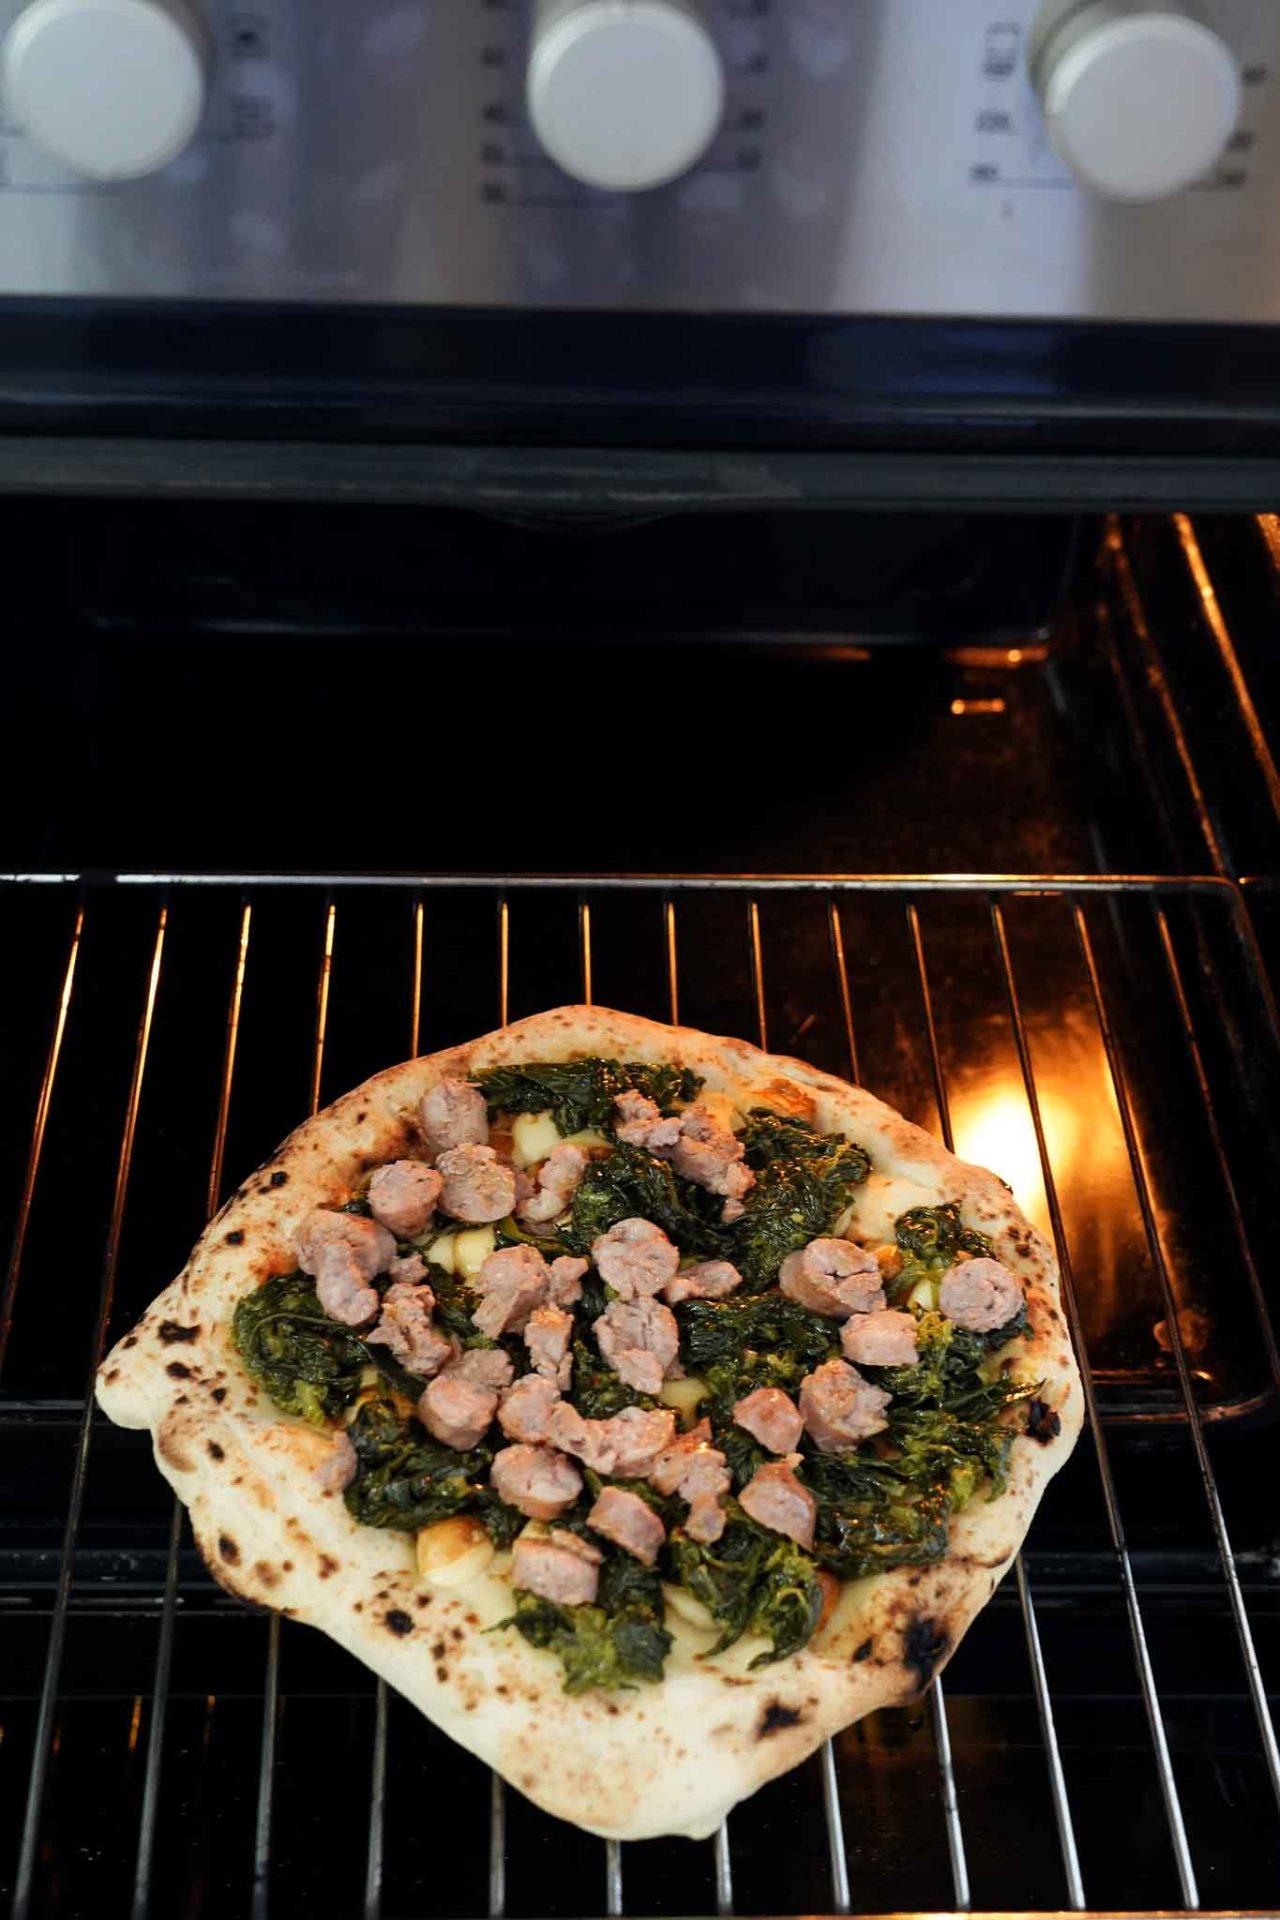 pizza a casa forno